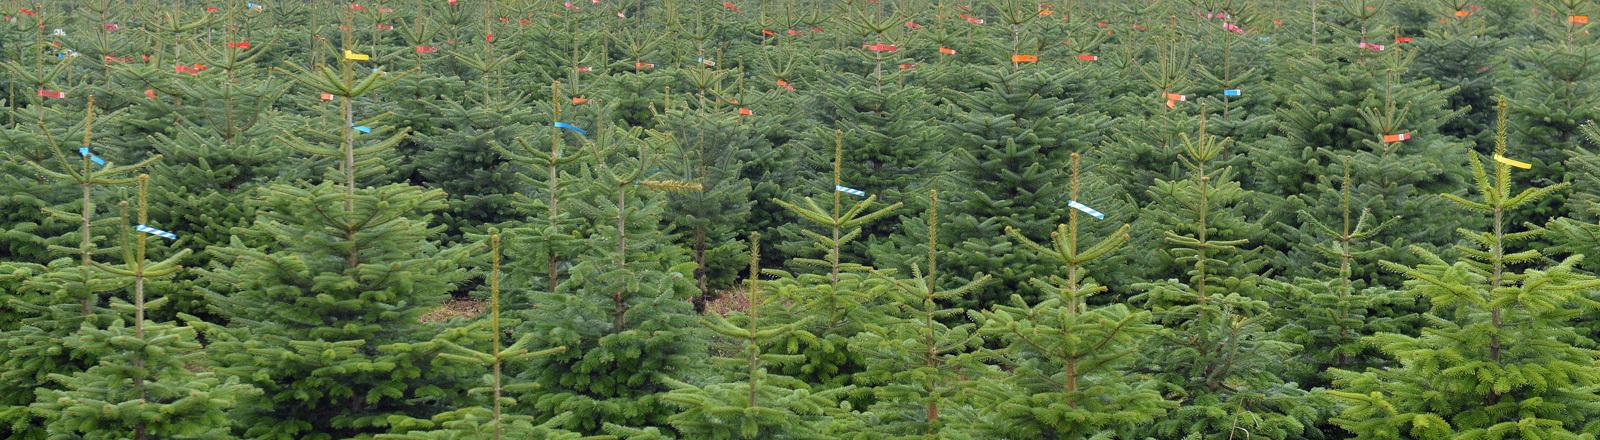 Plantage aus Weihnachtsbäumen – Nordmanntannen.